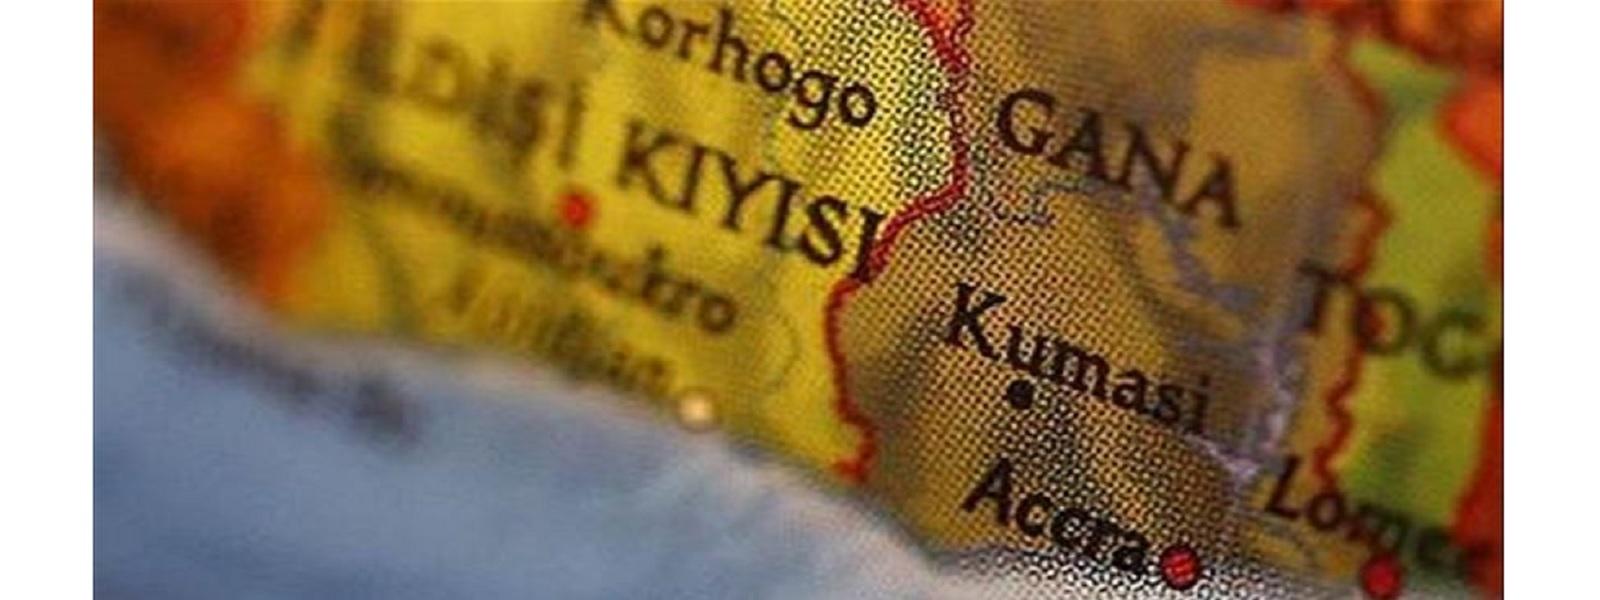 கானாவில் தேவாலயம் இடிந்து வீழ்ந்ததில் 22 பேர் பலி